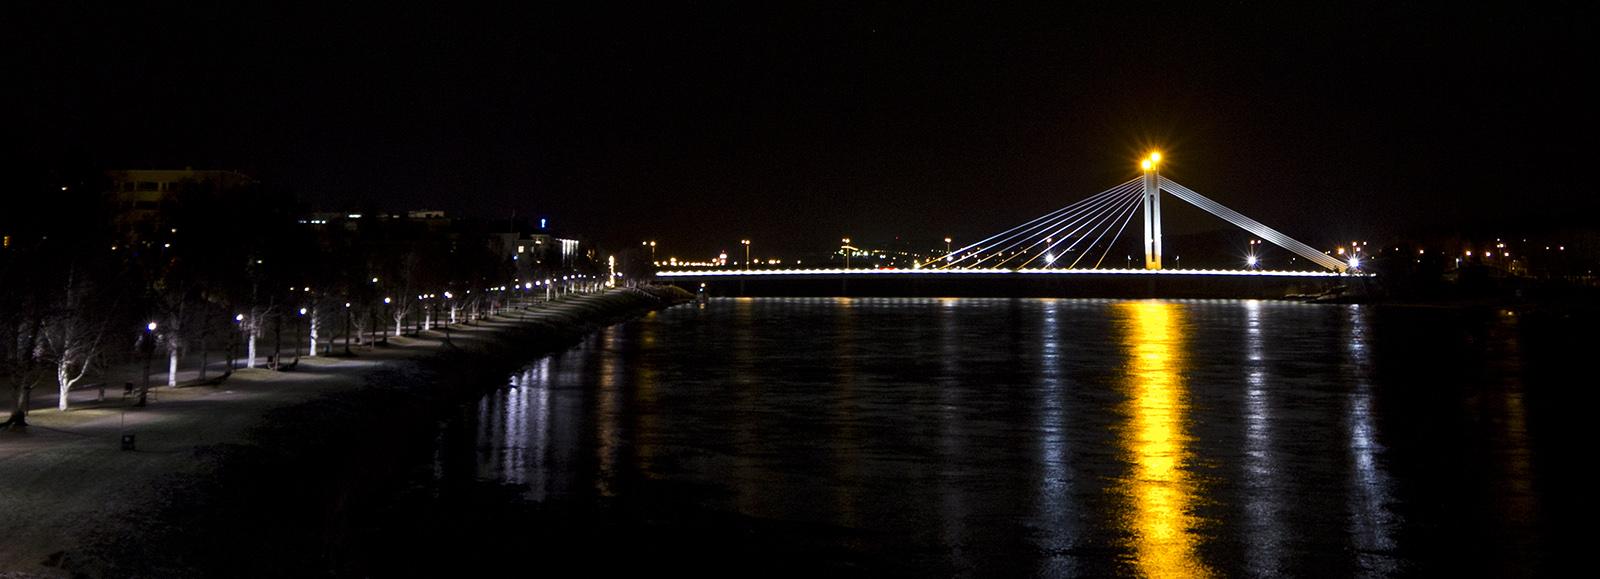 Jätkänkynttilä Bridge | © Marko Heiskanen/WikiCommons